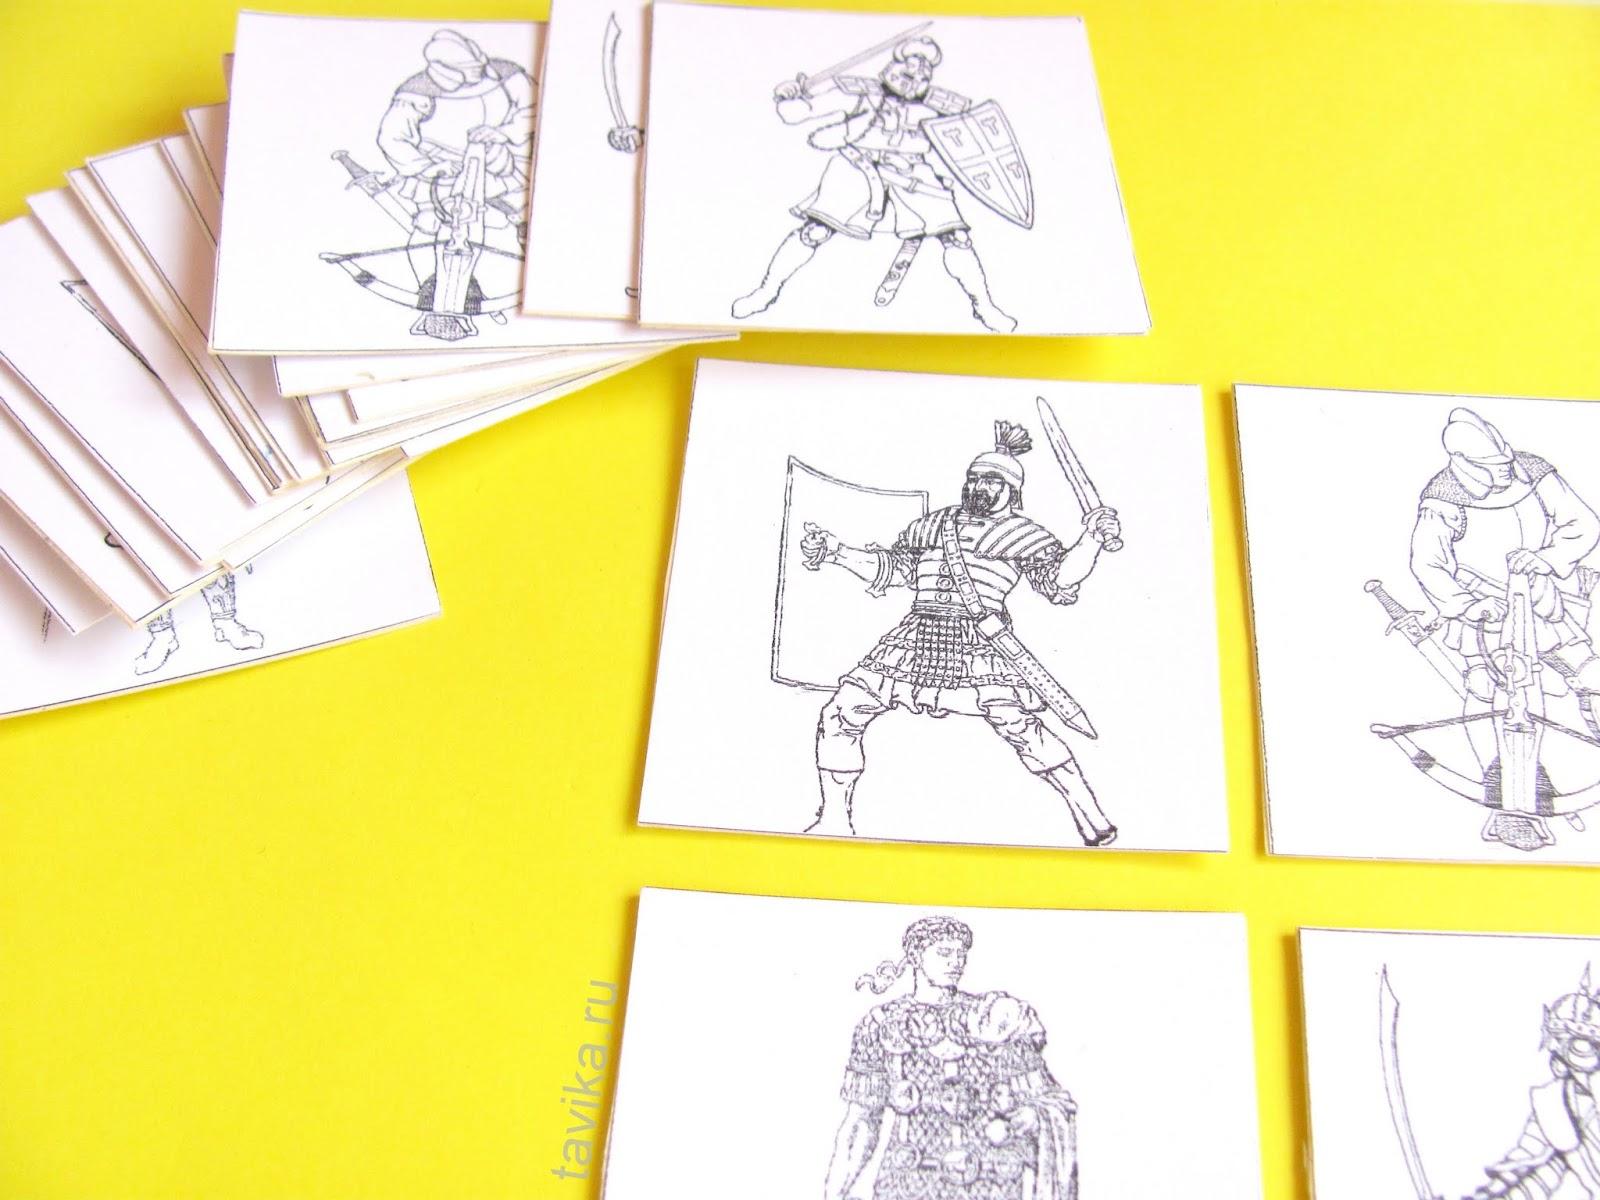 Карточки для игры мемори с солдатами . Скачать и распечатать